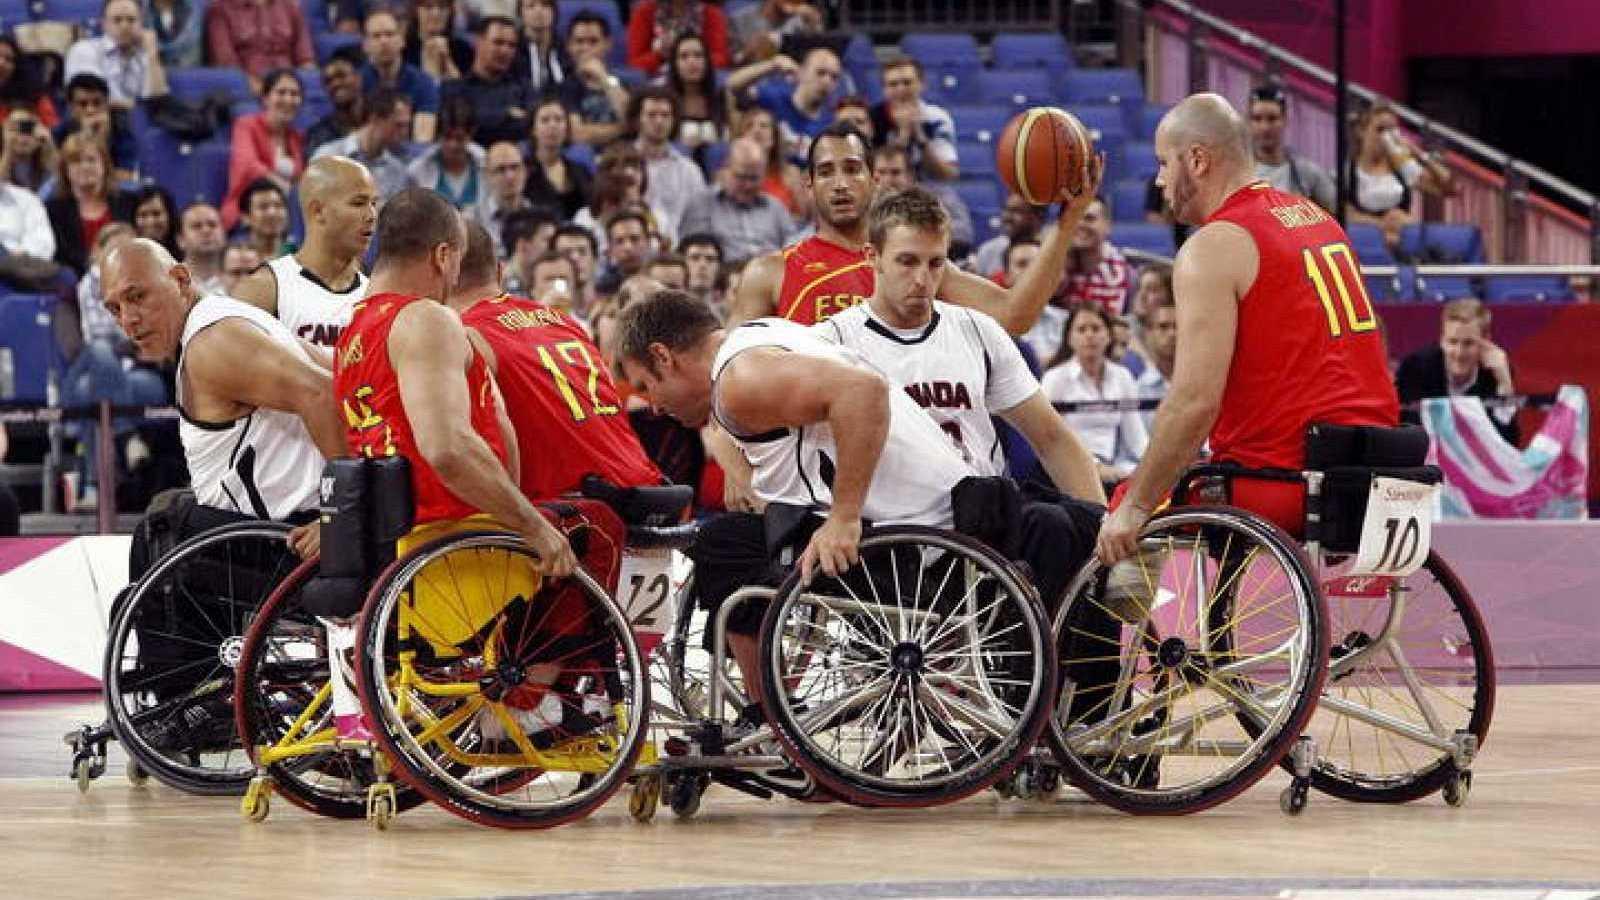 Repaso por el medallero español en los Juegos Paralímpicos